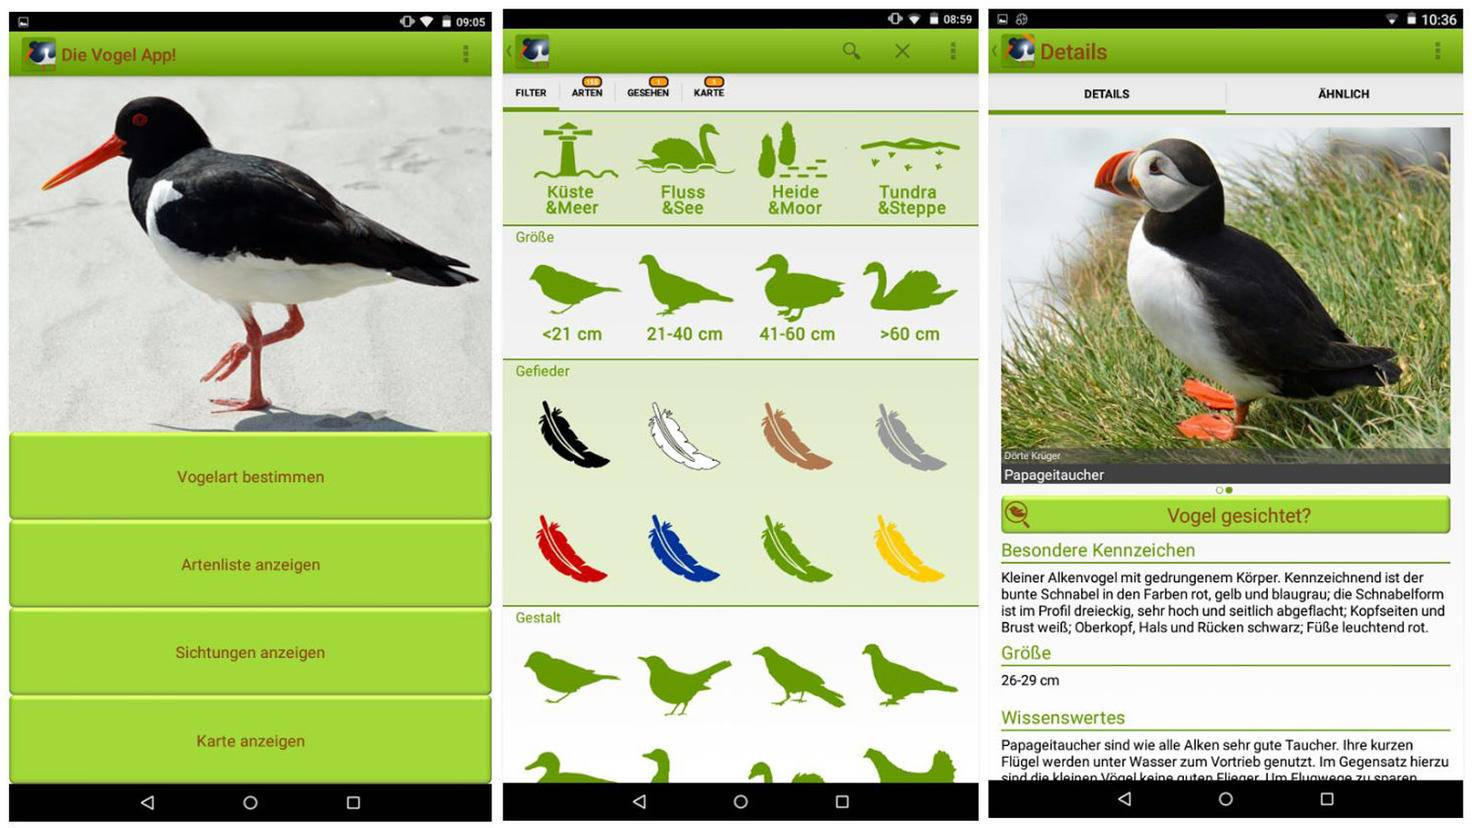 Die Vogel App-Google Play Store-Dörte Krüger